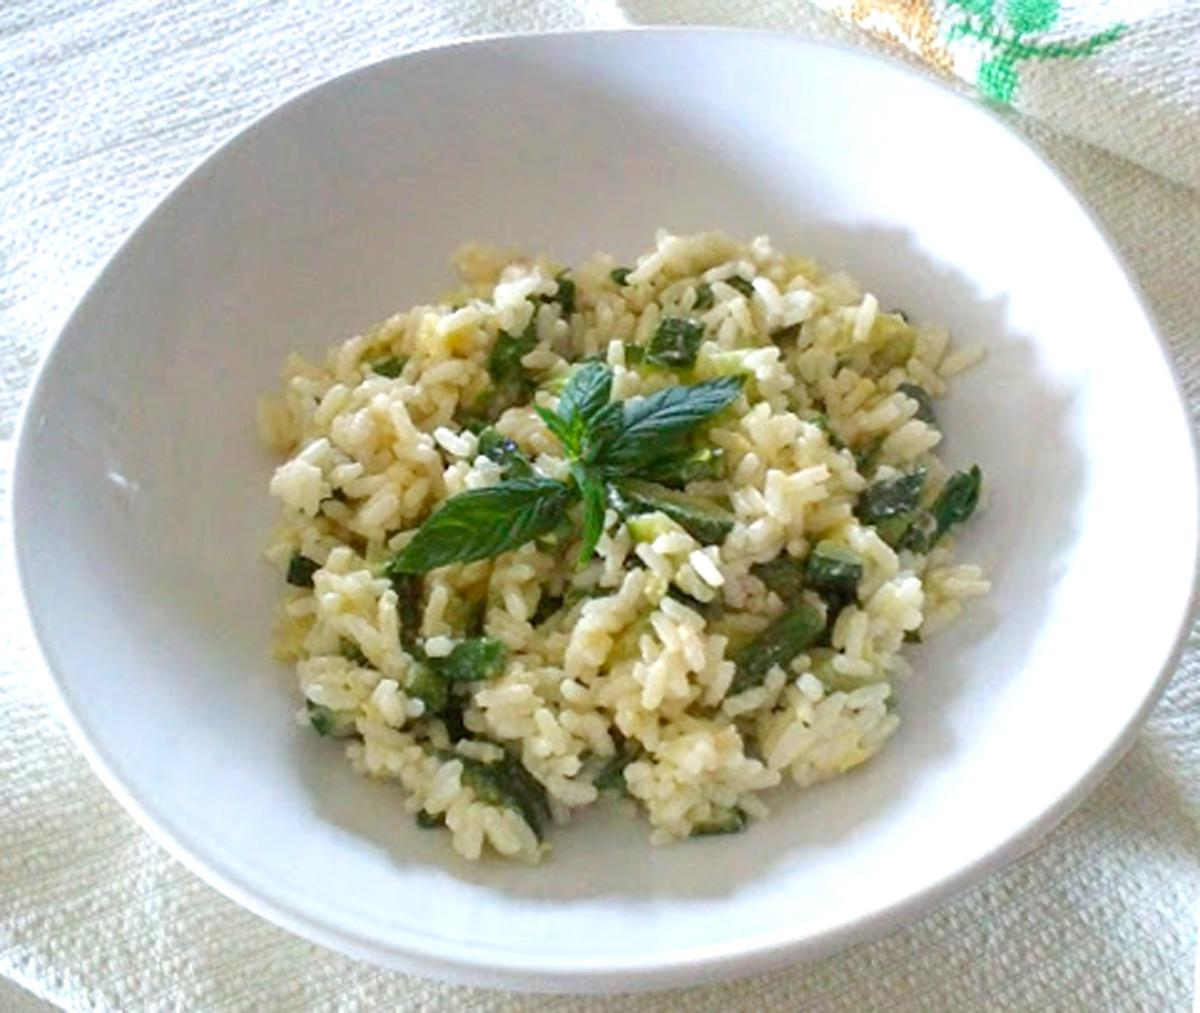 Risotto Asparagi Zucchine.Riso Freddo Con Zucchine Ed Asparagi Facile La Tavola Di Gio